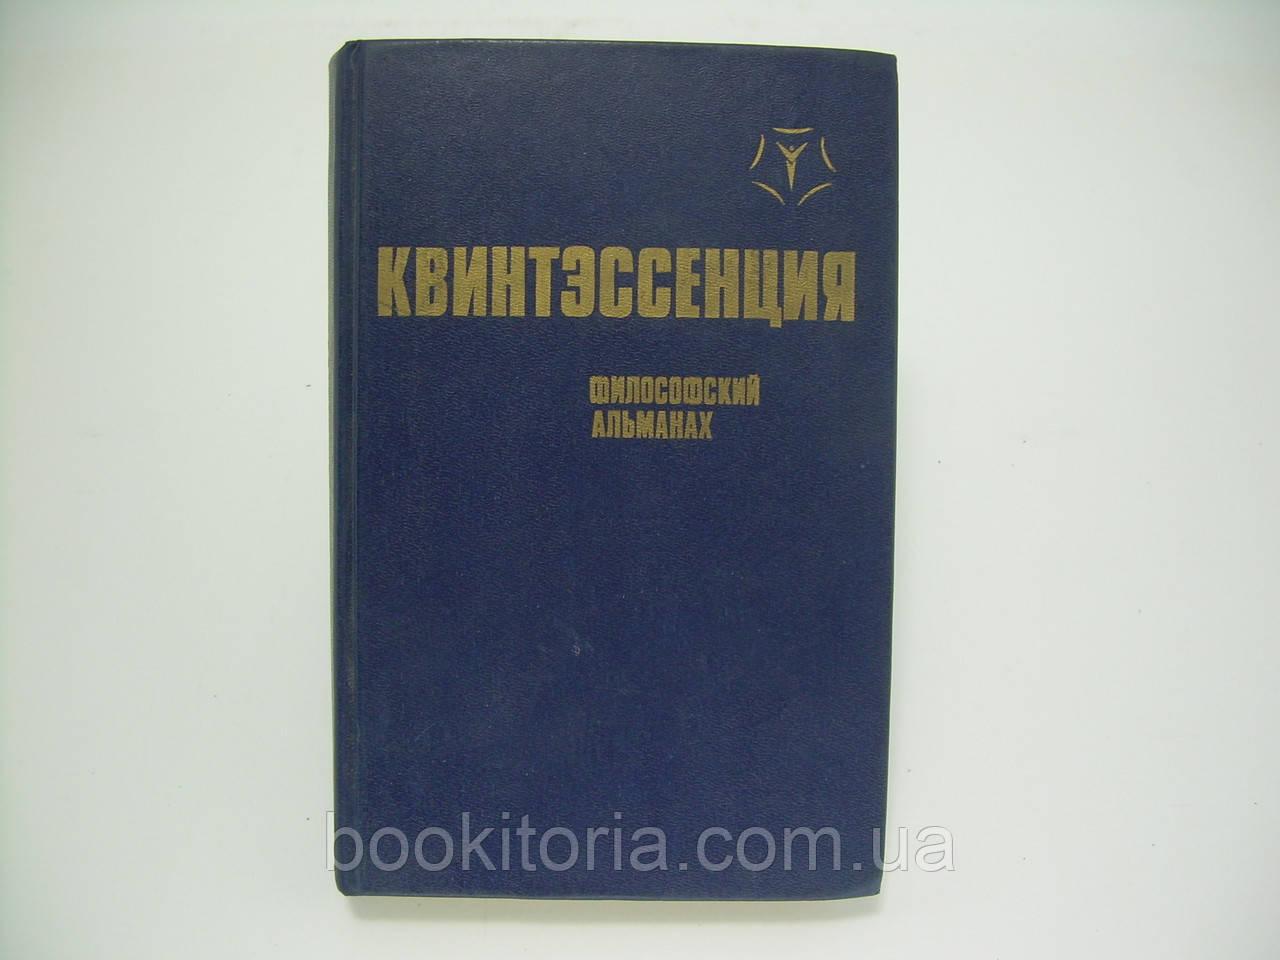 Квинтэссенция. Философский альманах (б/у).